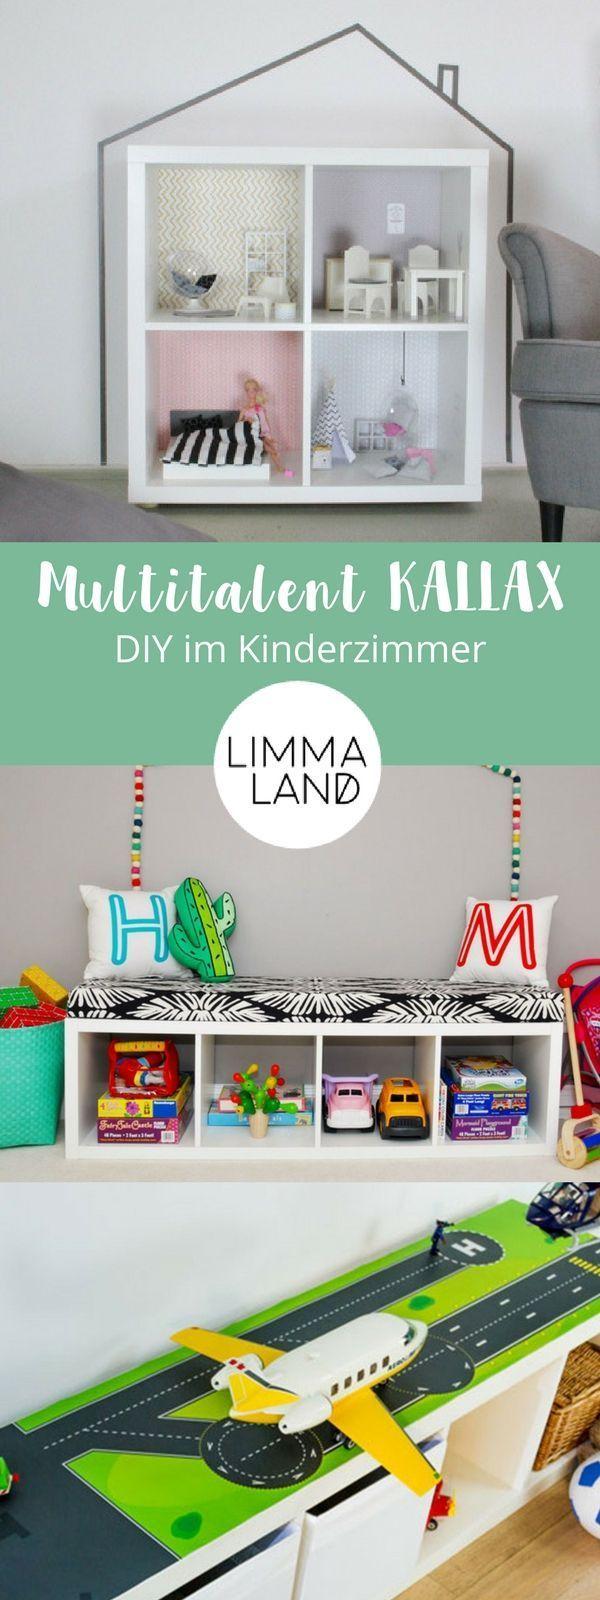 Platz für kinder, jungen und mädchen  best kinderzimmer images on pinterest  child room play rooms